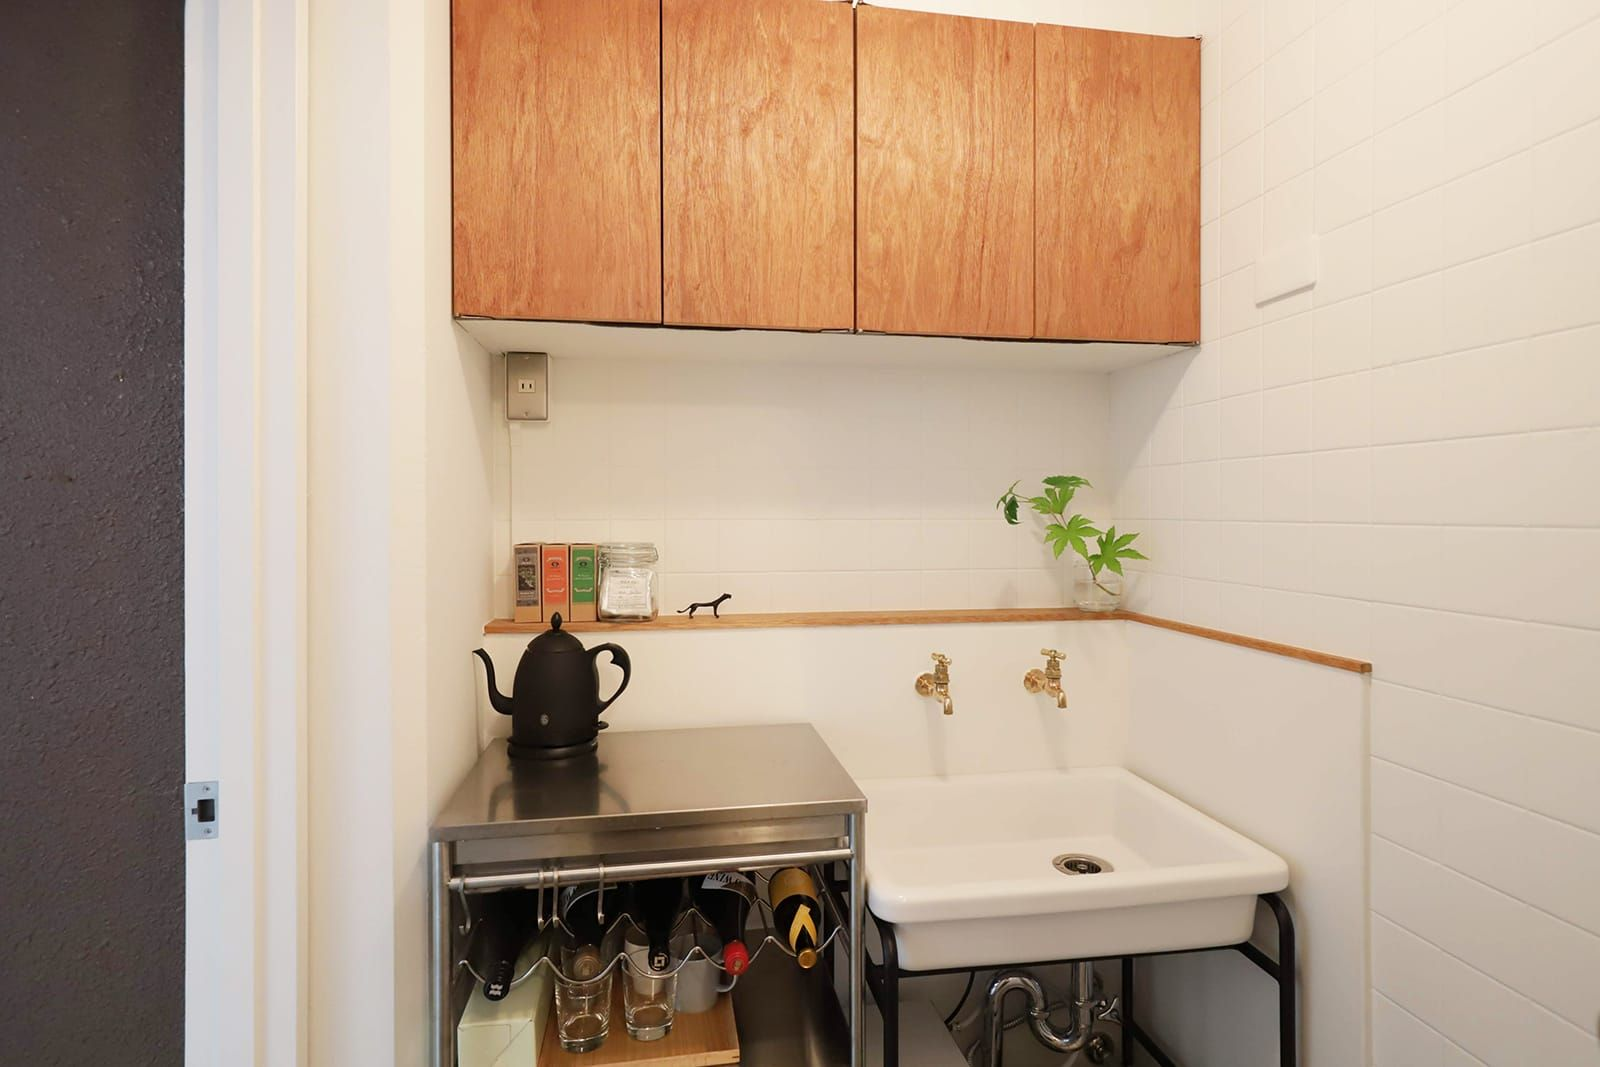 給湯室は アイアンスタンドシンク を導入し もともとあった吊り戸棚